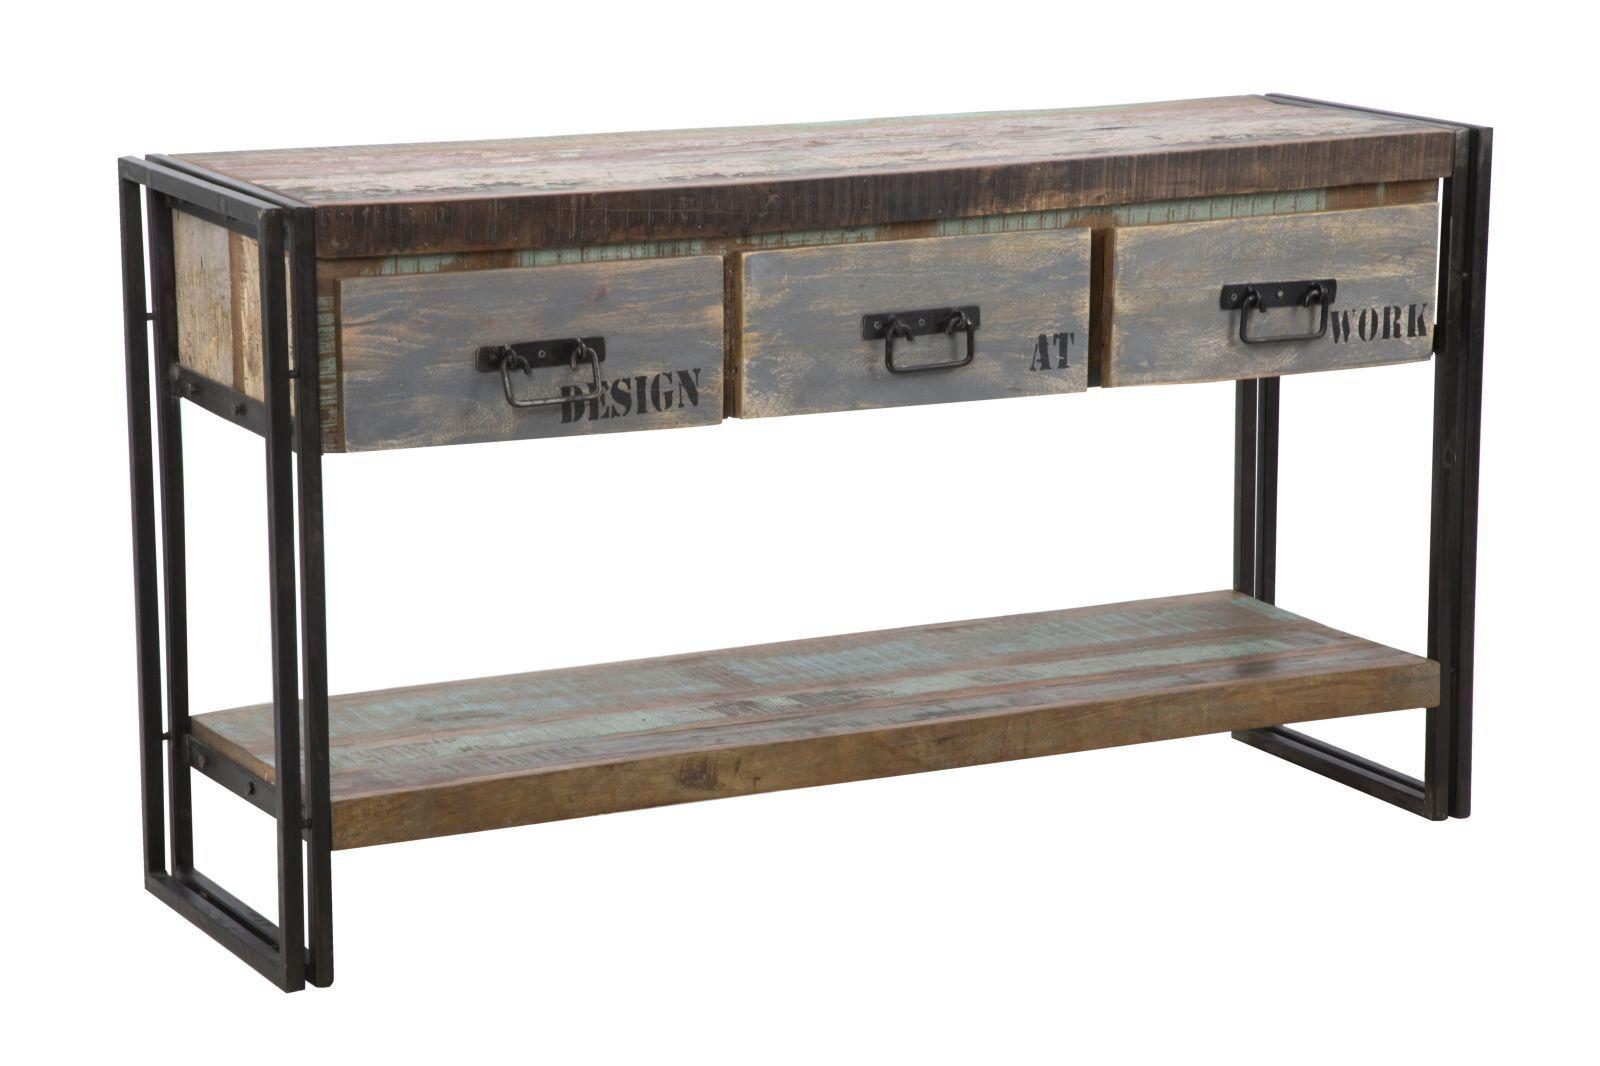 Arredamento Legno Riciclato : Mauroferrettisrl 1416040000 console caribbean cm 140x40x76 legno